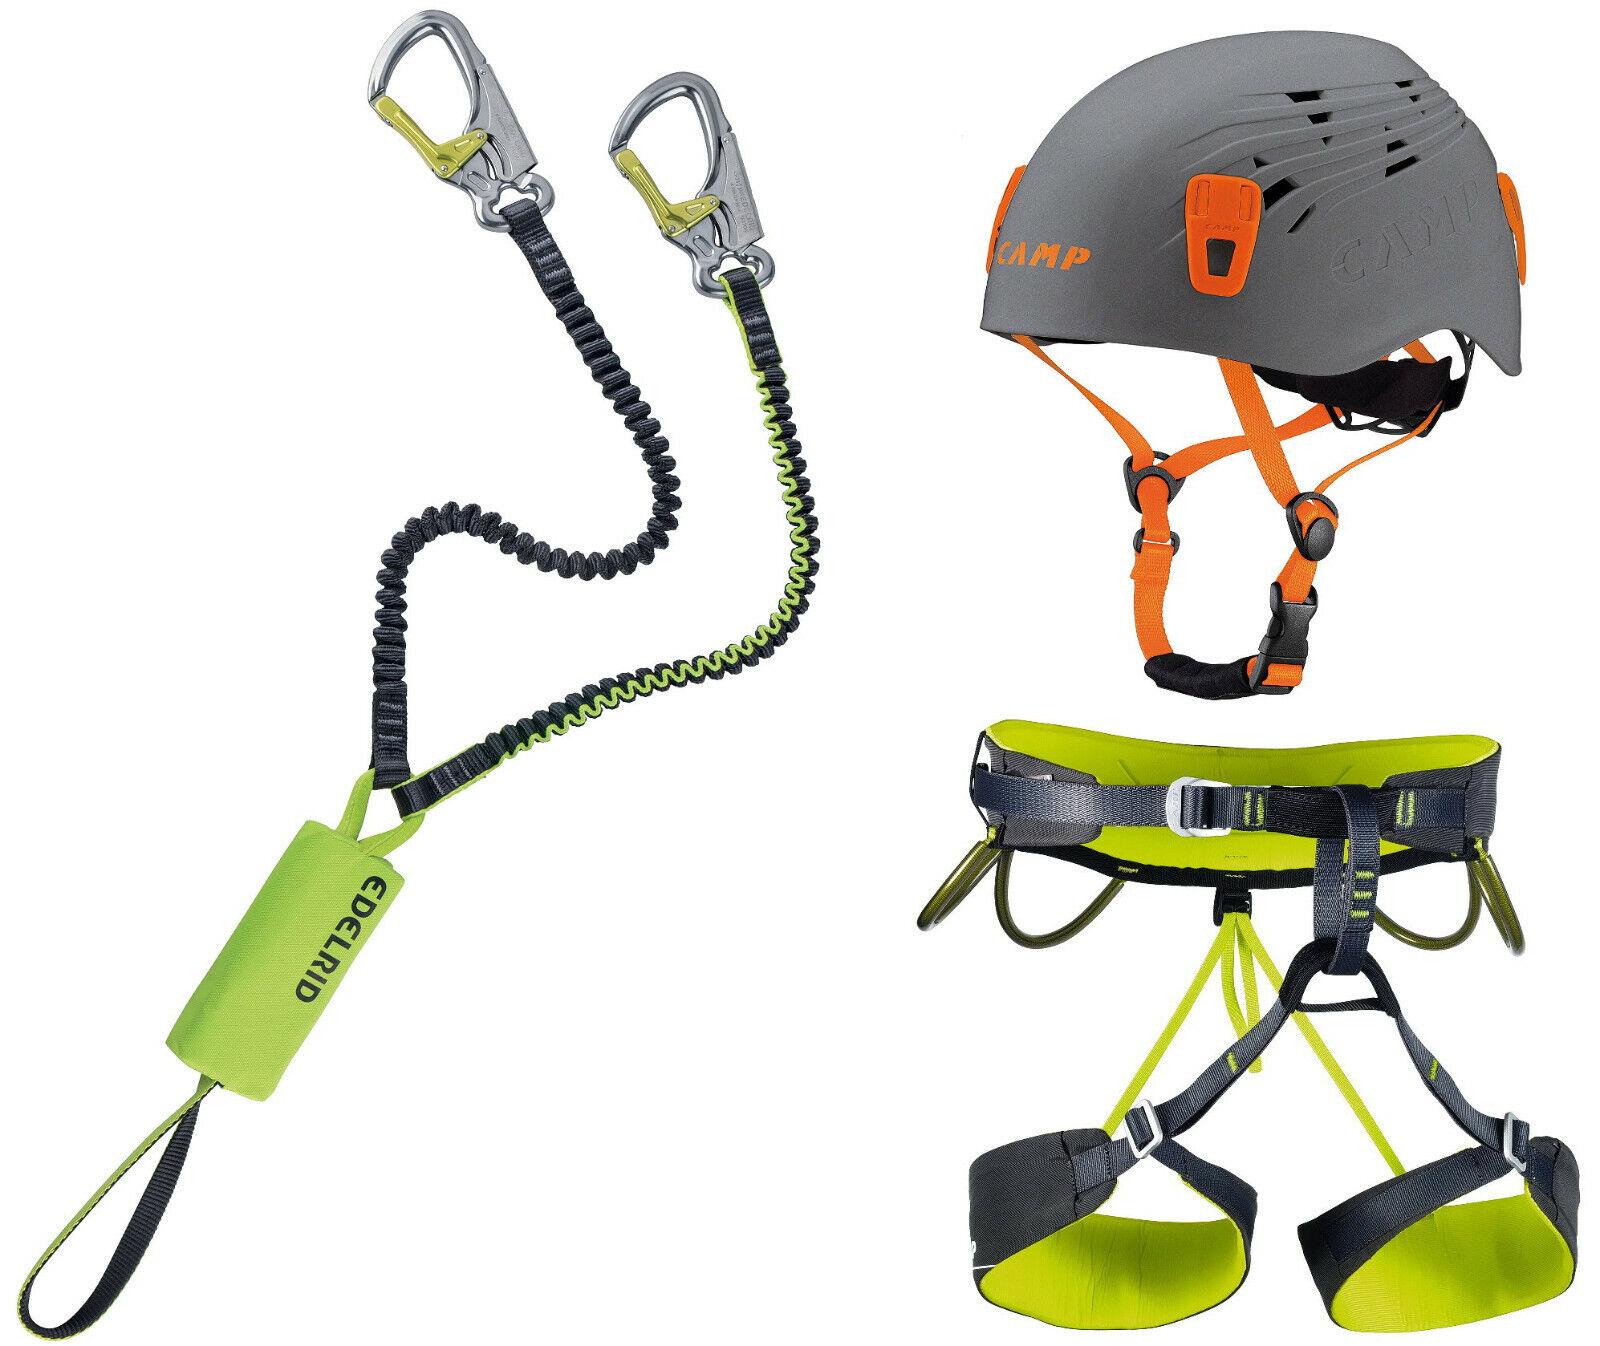 Edelrid Klettersteigset Cable Kit Lite 5.0 + + + Gurt Energy + Helm Titan 54-62cm gr 87e5c5